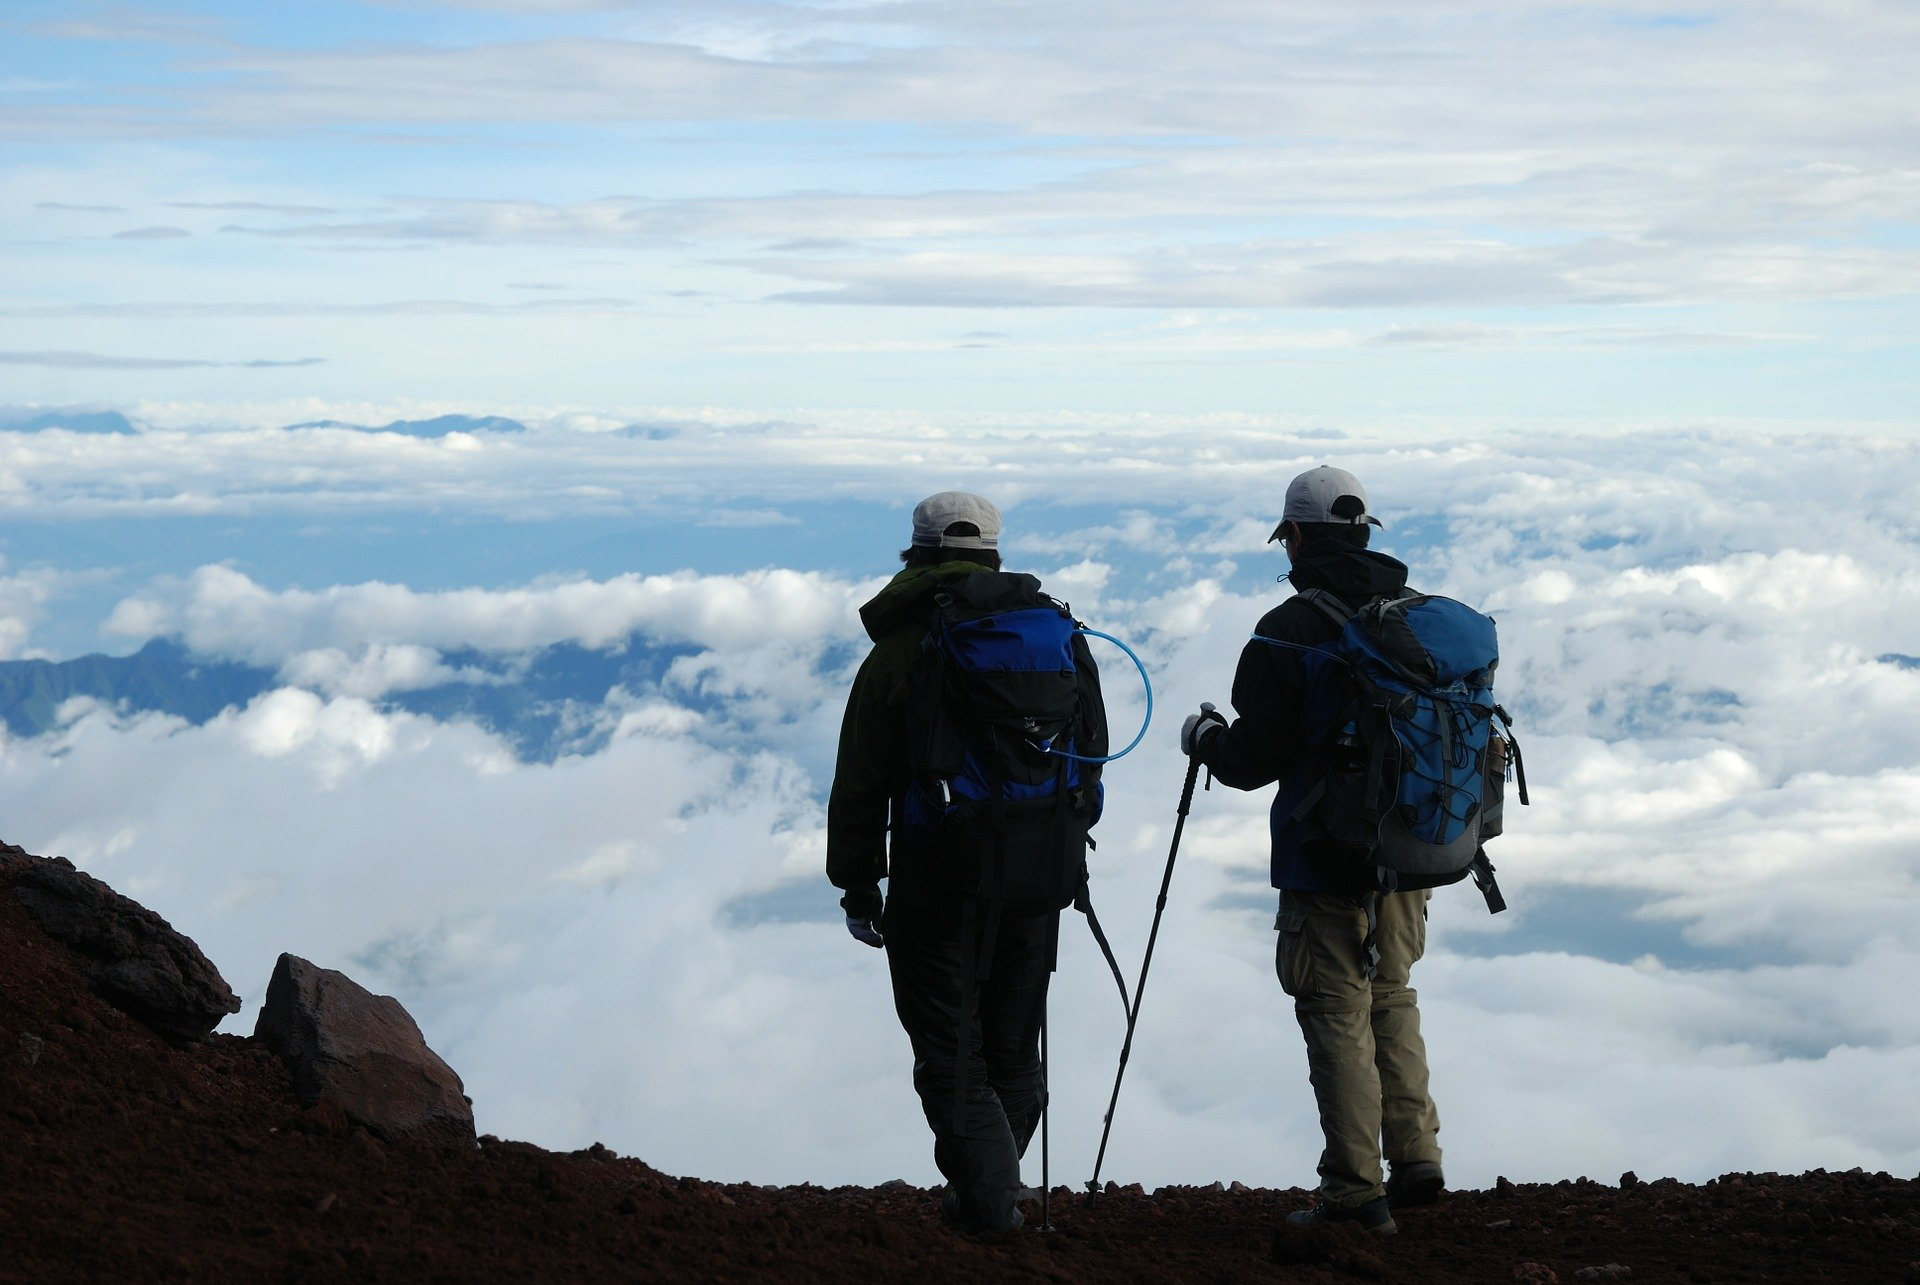 Dos viajeros realizan la subida al Monte Fuji- Descubriendo Jaoón